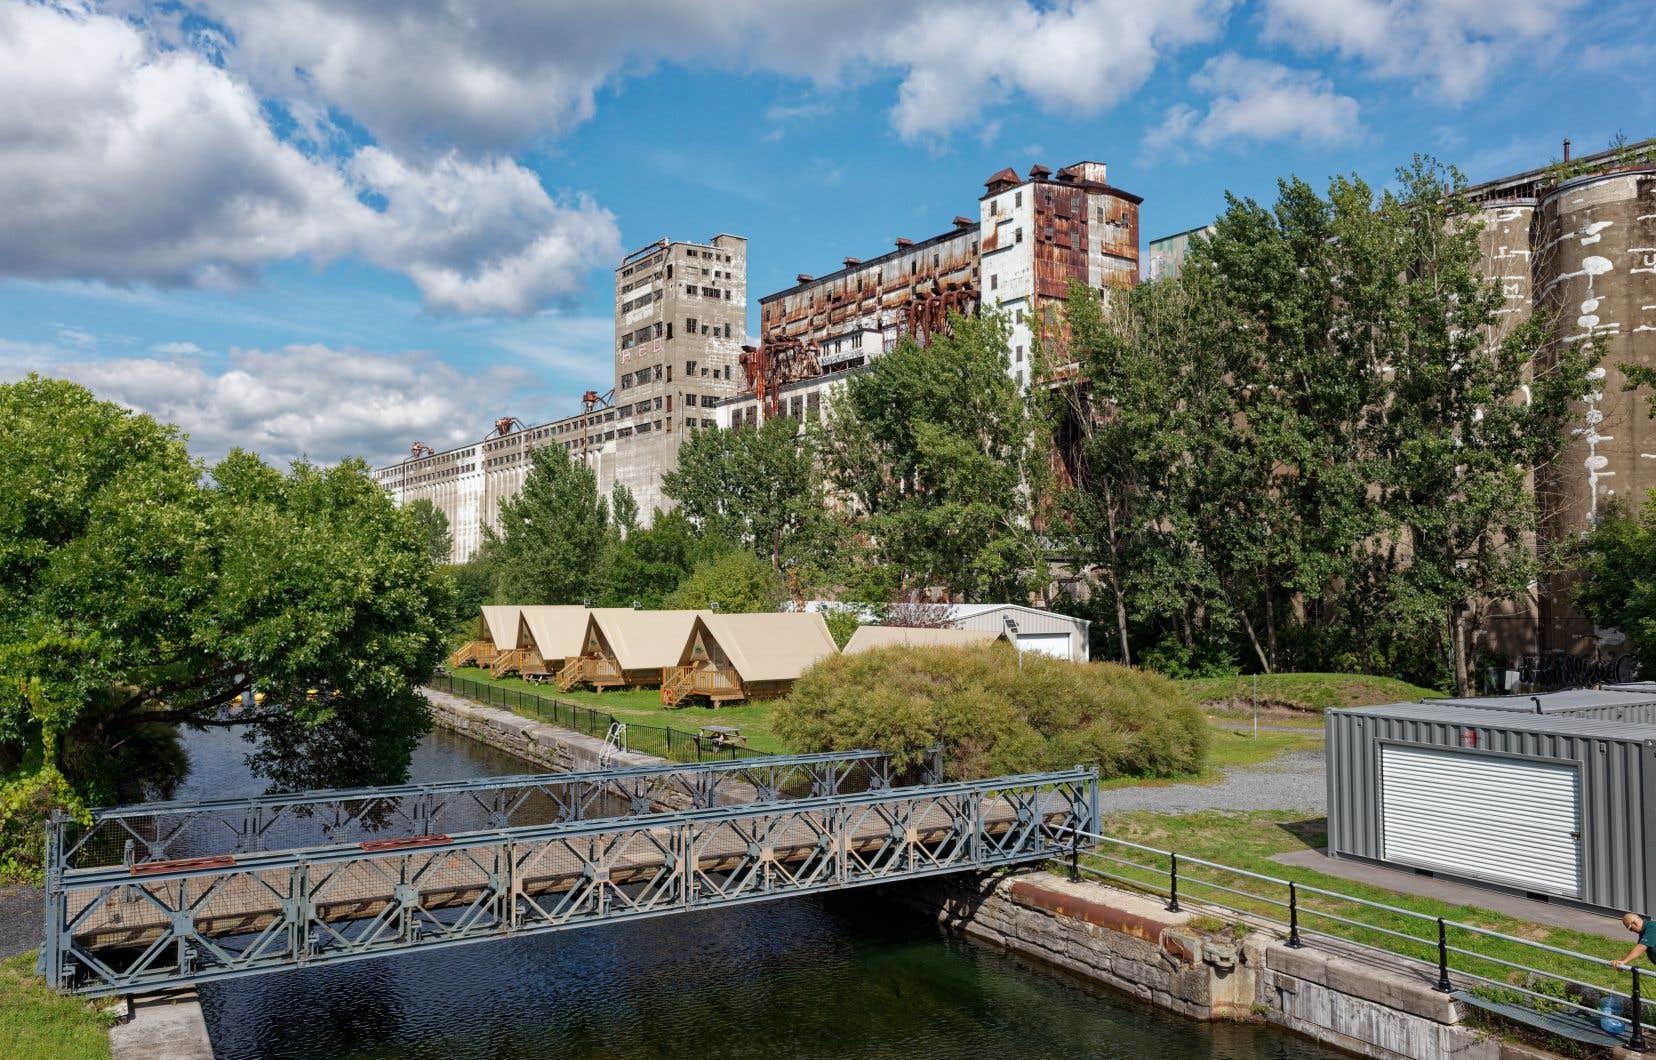 «Dans la région métropolitaine de Montréal, le gouvernement fédéral detient des sites et des bâtiments importants au plan du patrimoine, comme le Silo 5», rappellent les auteurs.